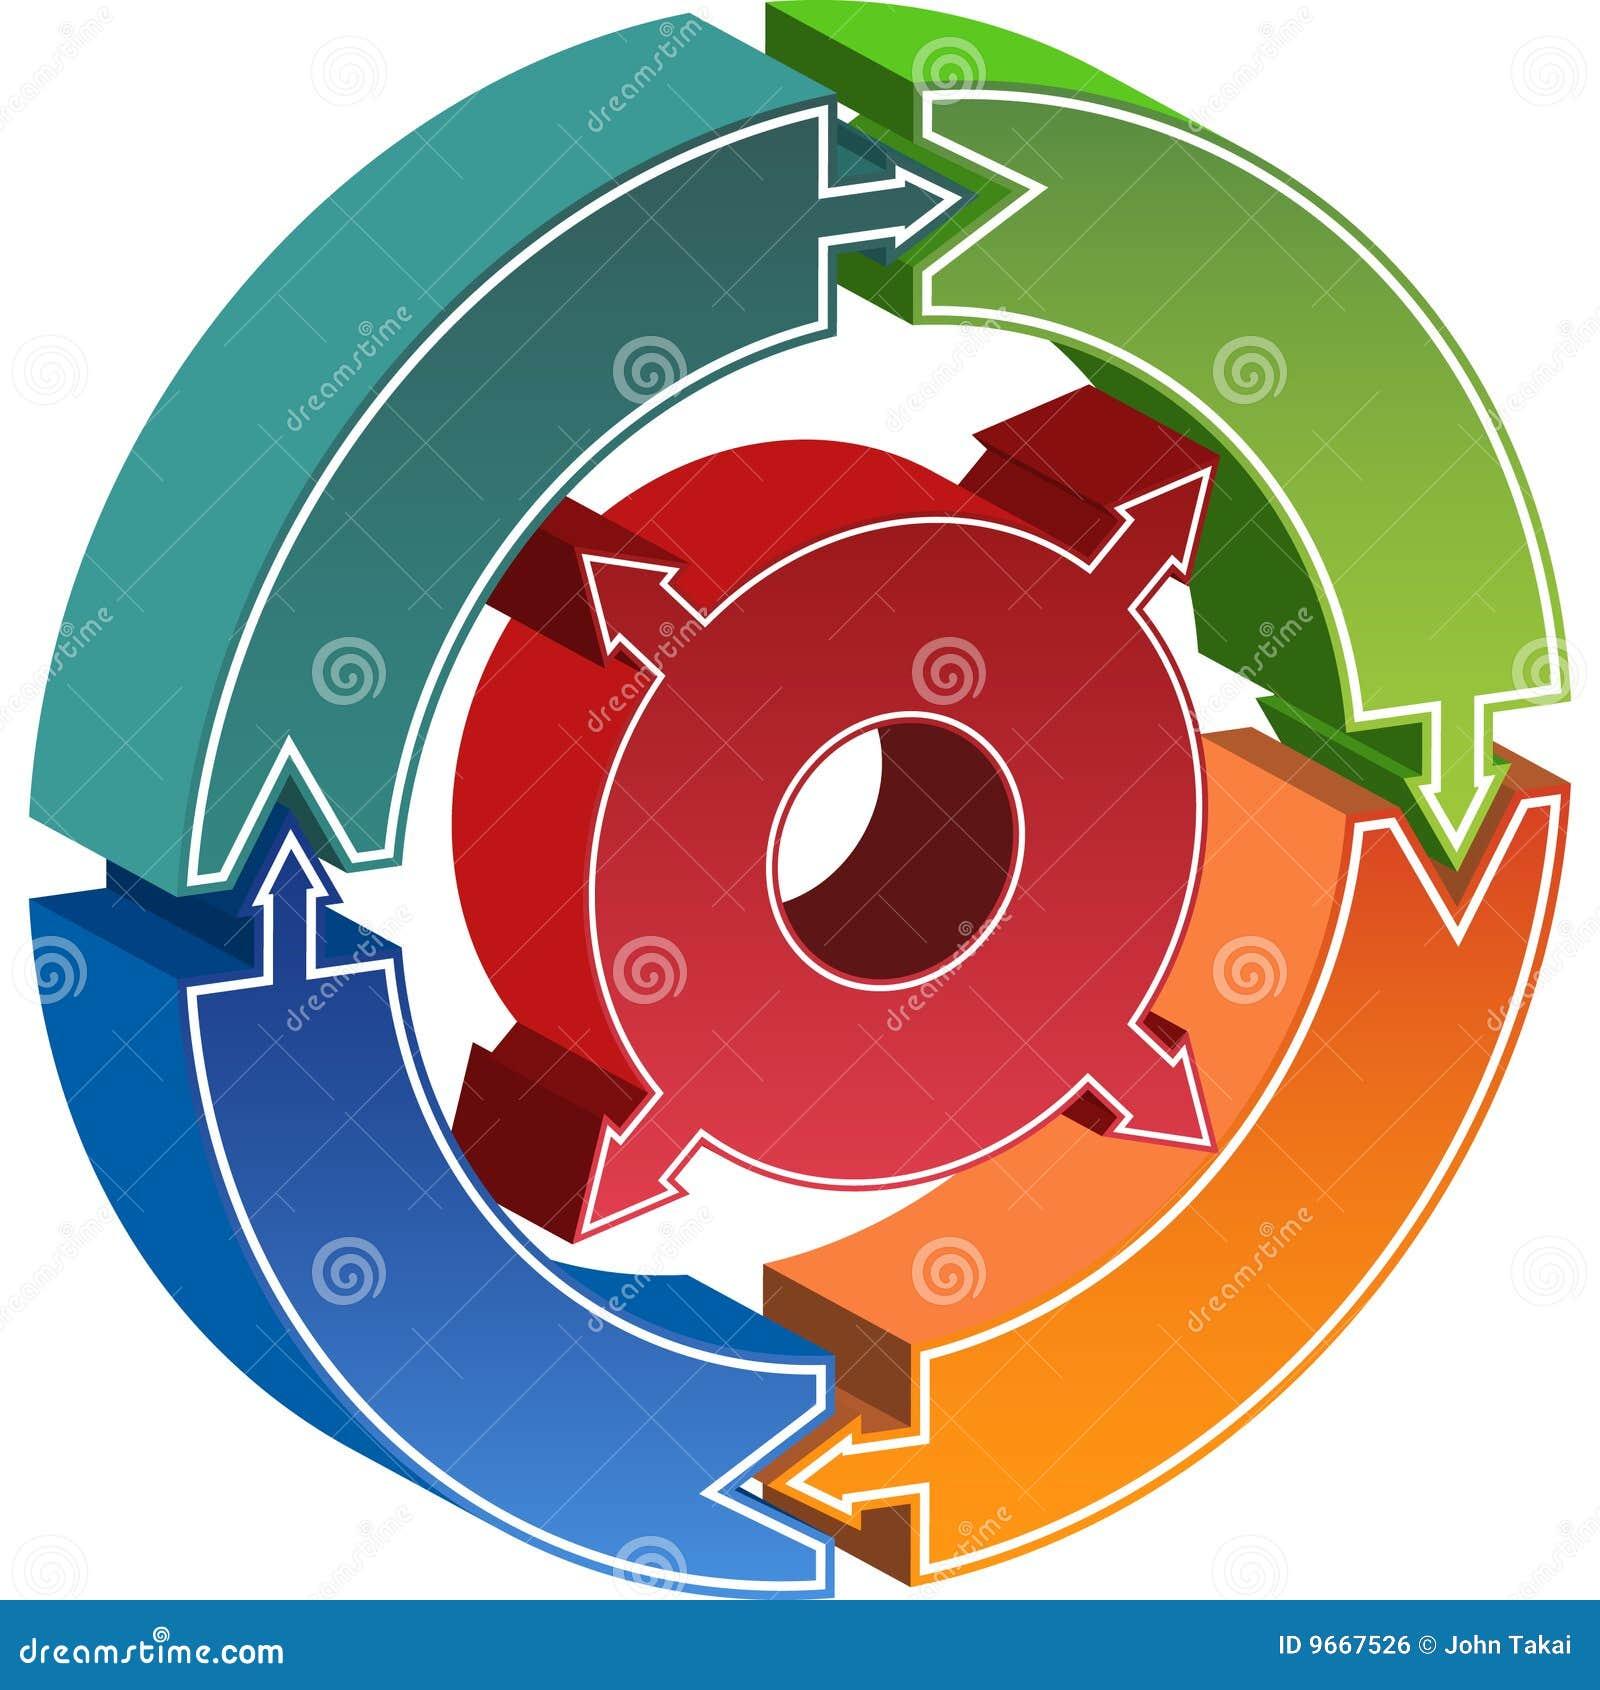 Diagrama do círculo do processo - setas